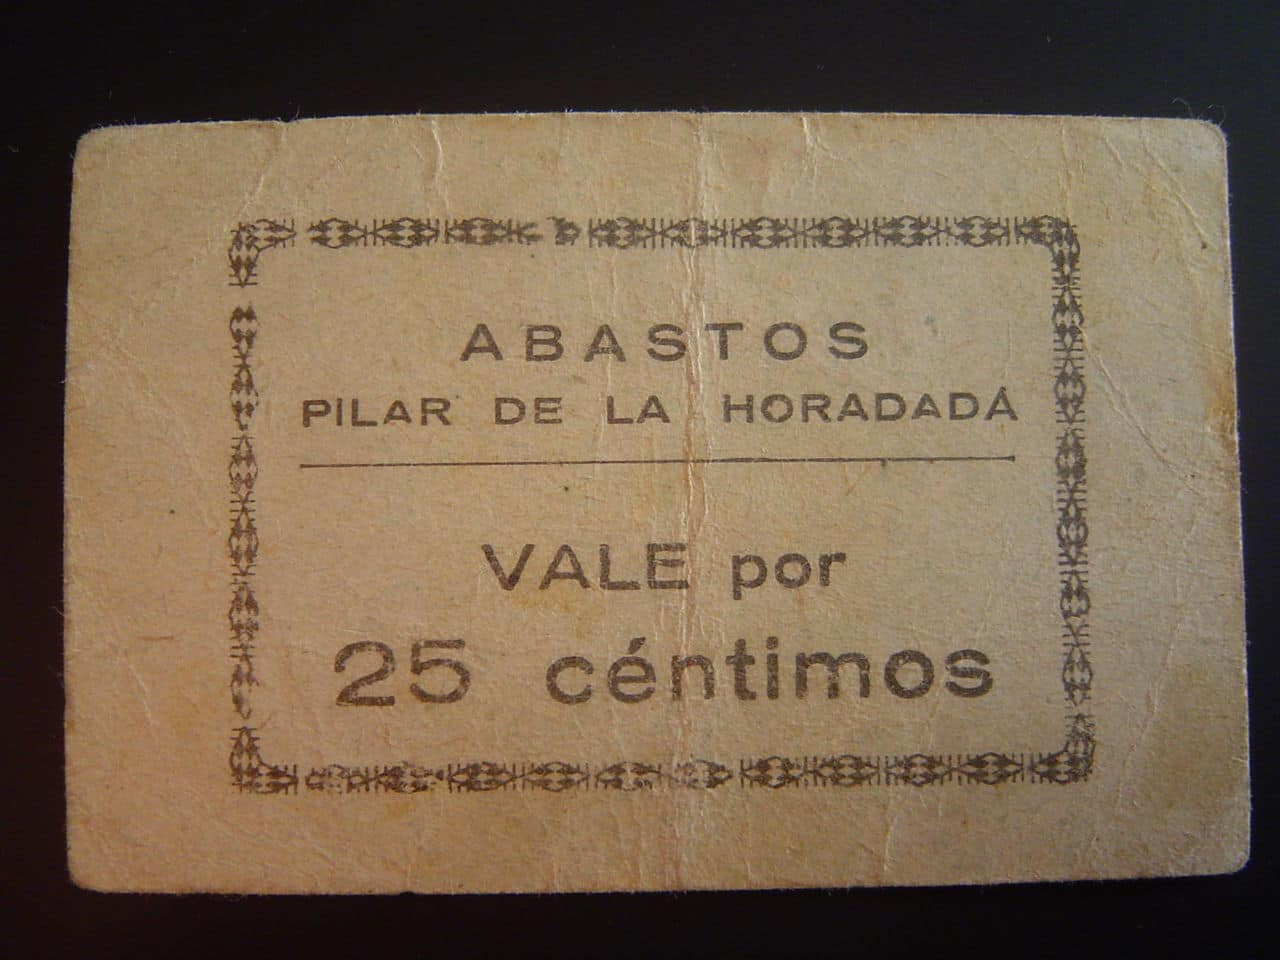 25 centimos Pilar de la Horadada (Alicante) 1ª emision DSC04344